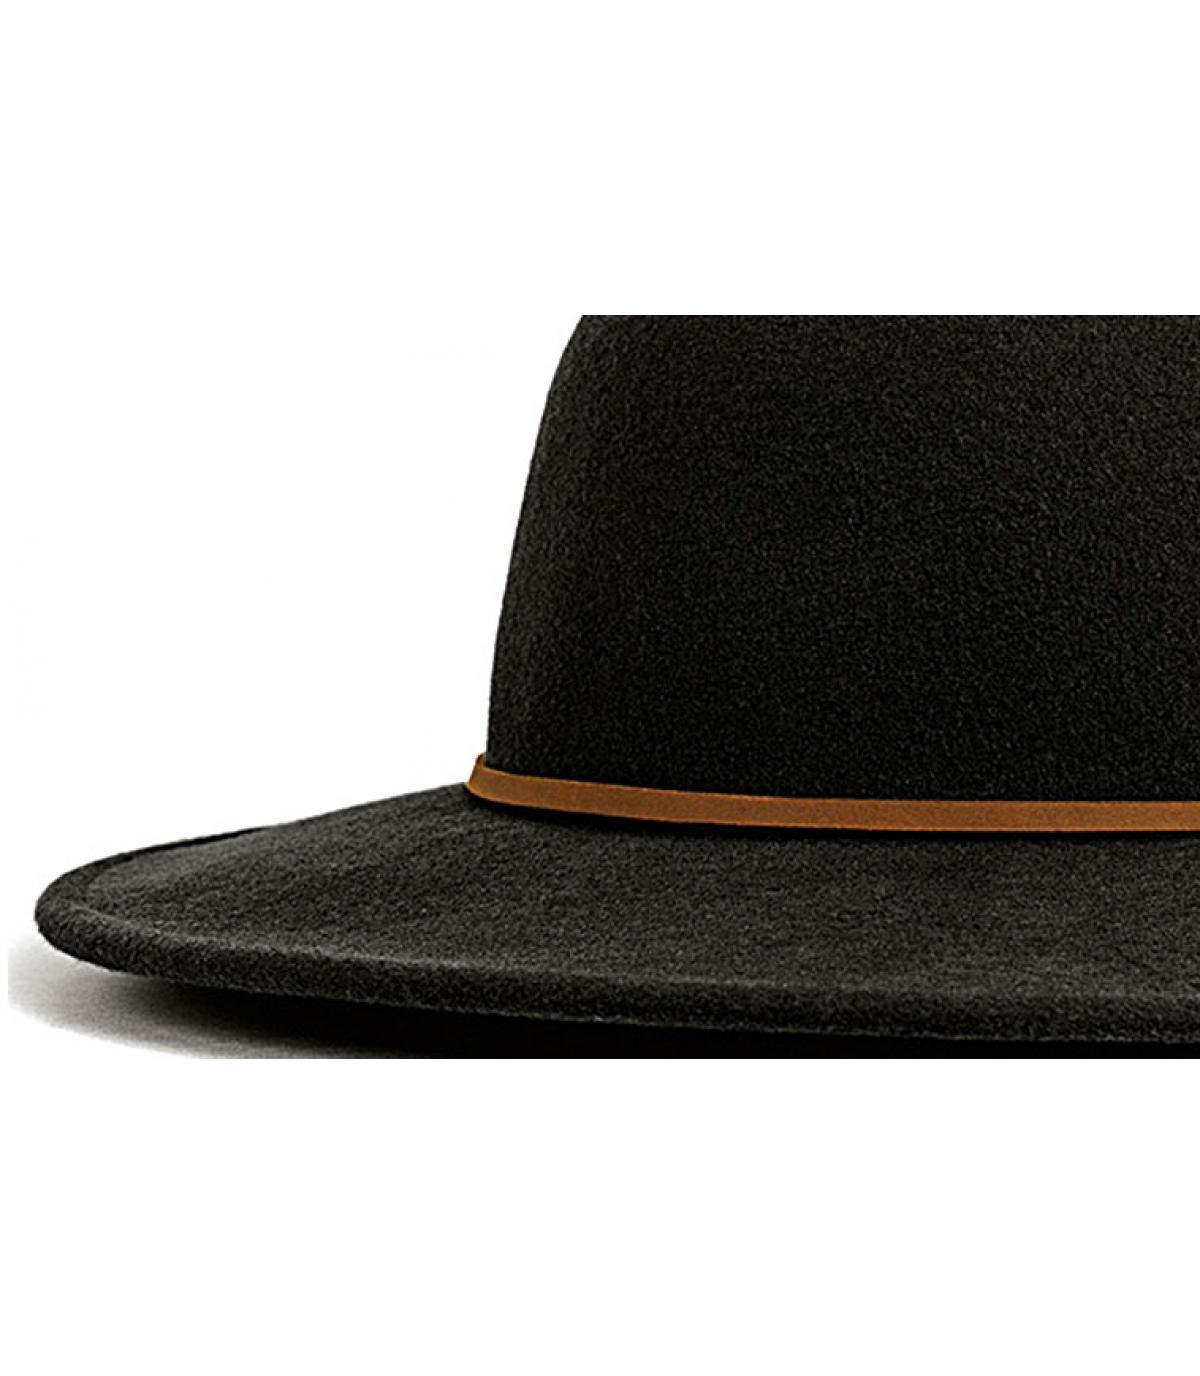 Détails Tiller black hat - image 2